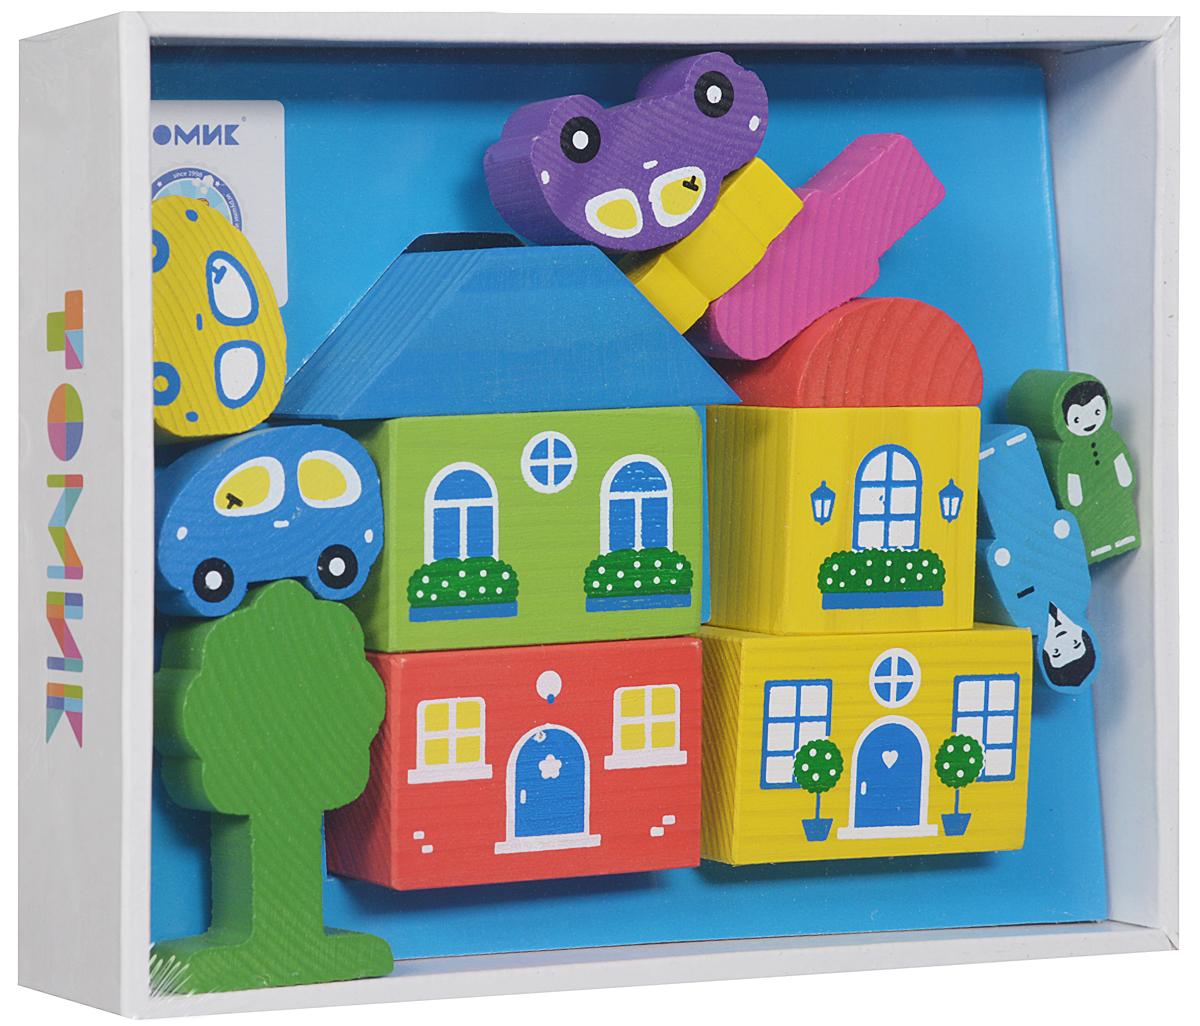 Томик Конструктор Цветной городок цвет синий8688-6Деревянный конструктор Томик Цветной городок привлечет внимание вашего ребенка. С помощью конструктора ребенок сможет построить маленький городок с деревьями, фигурками людей и машинами. Дети часто используют построенные сооружения в своих сюжетных играх, поэтому в наборах конструкторов имеются фигурки машин, деревьев и людей. Малыш сможет не только построить целый город, но и как настоящий волшебник наполнить его жизнью. А придумывая сюжеты игр, ребенок развивает воображение, связную речь, овладевает навыками ролевого поведения.